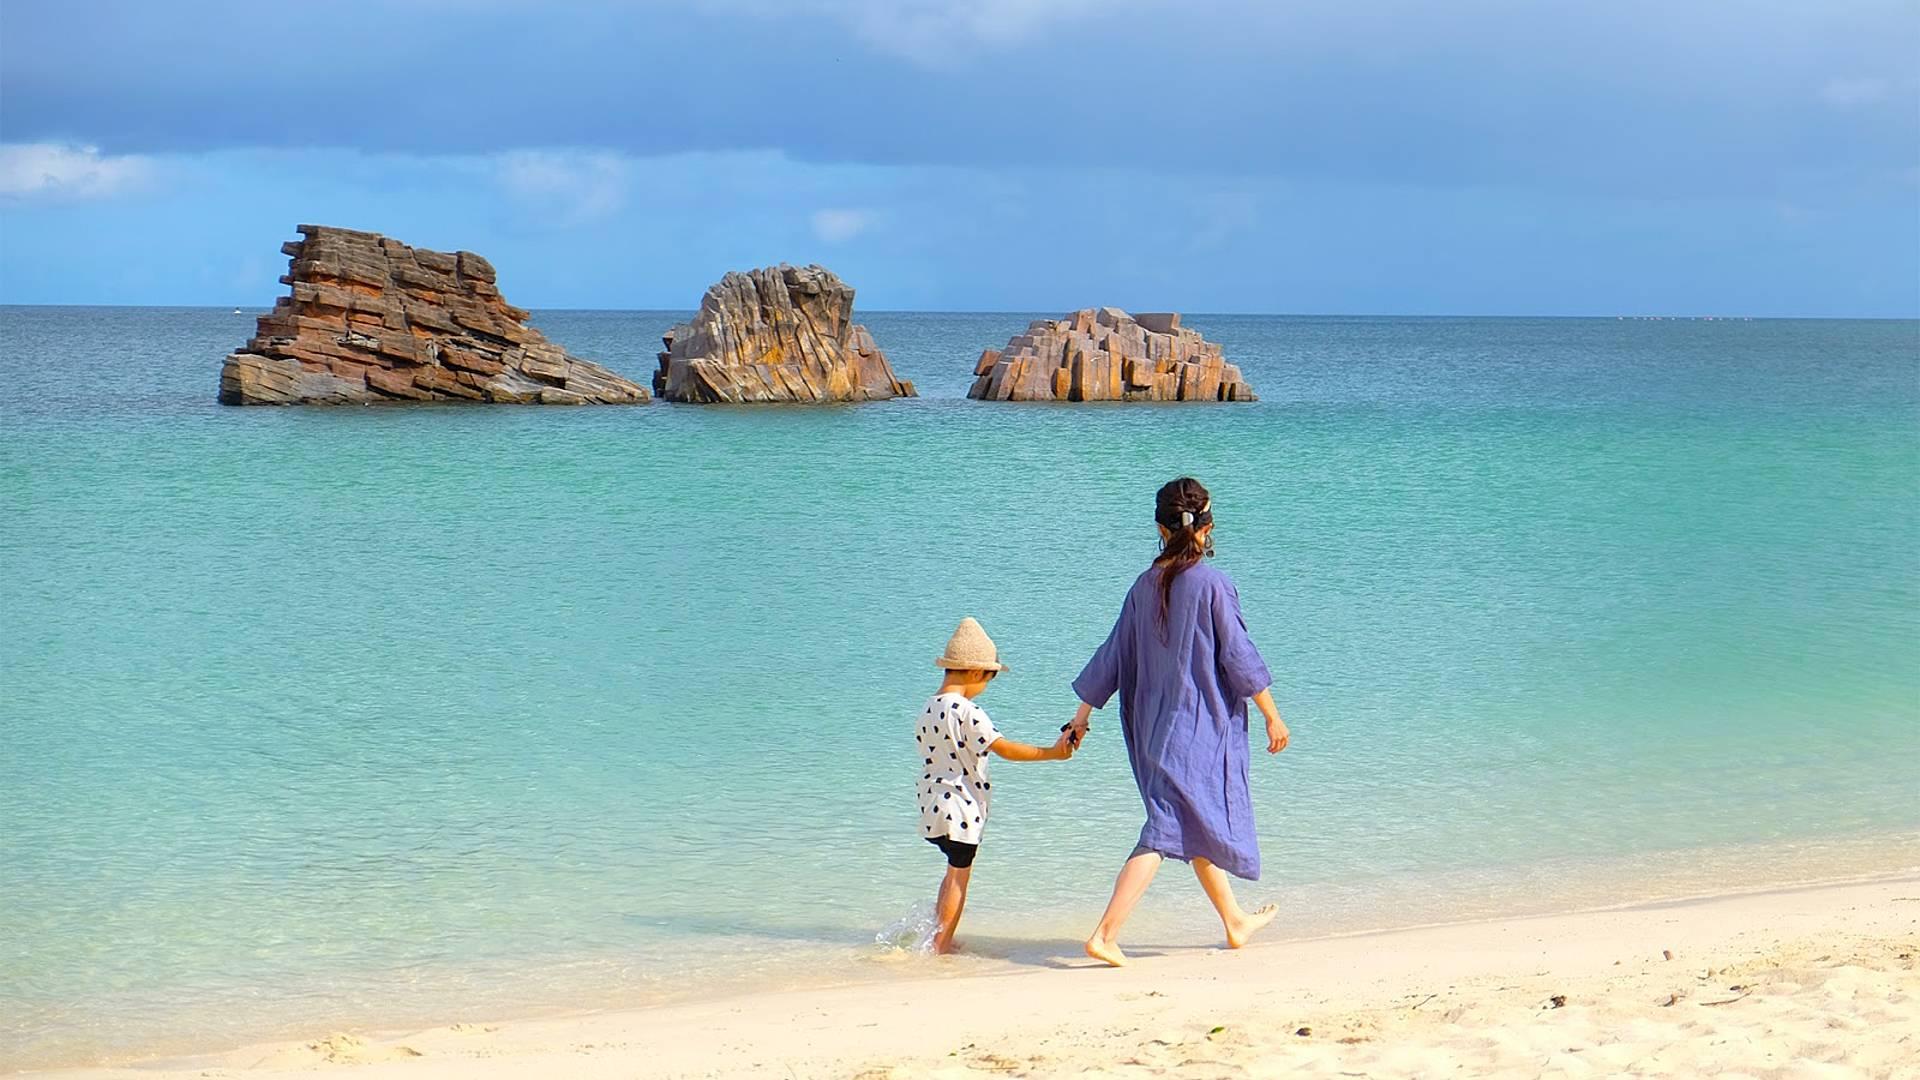 Le gemme del Paese e il mare di Okinawa